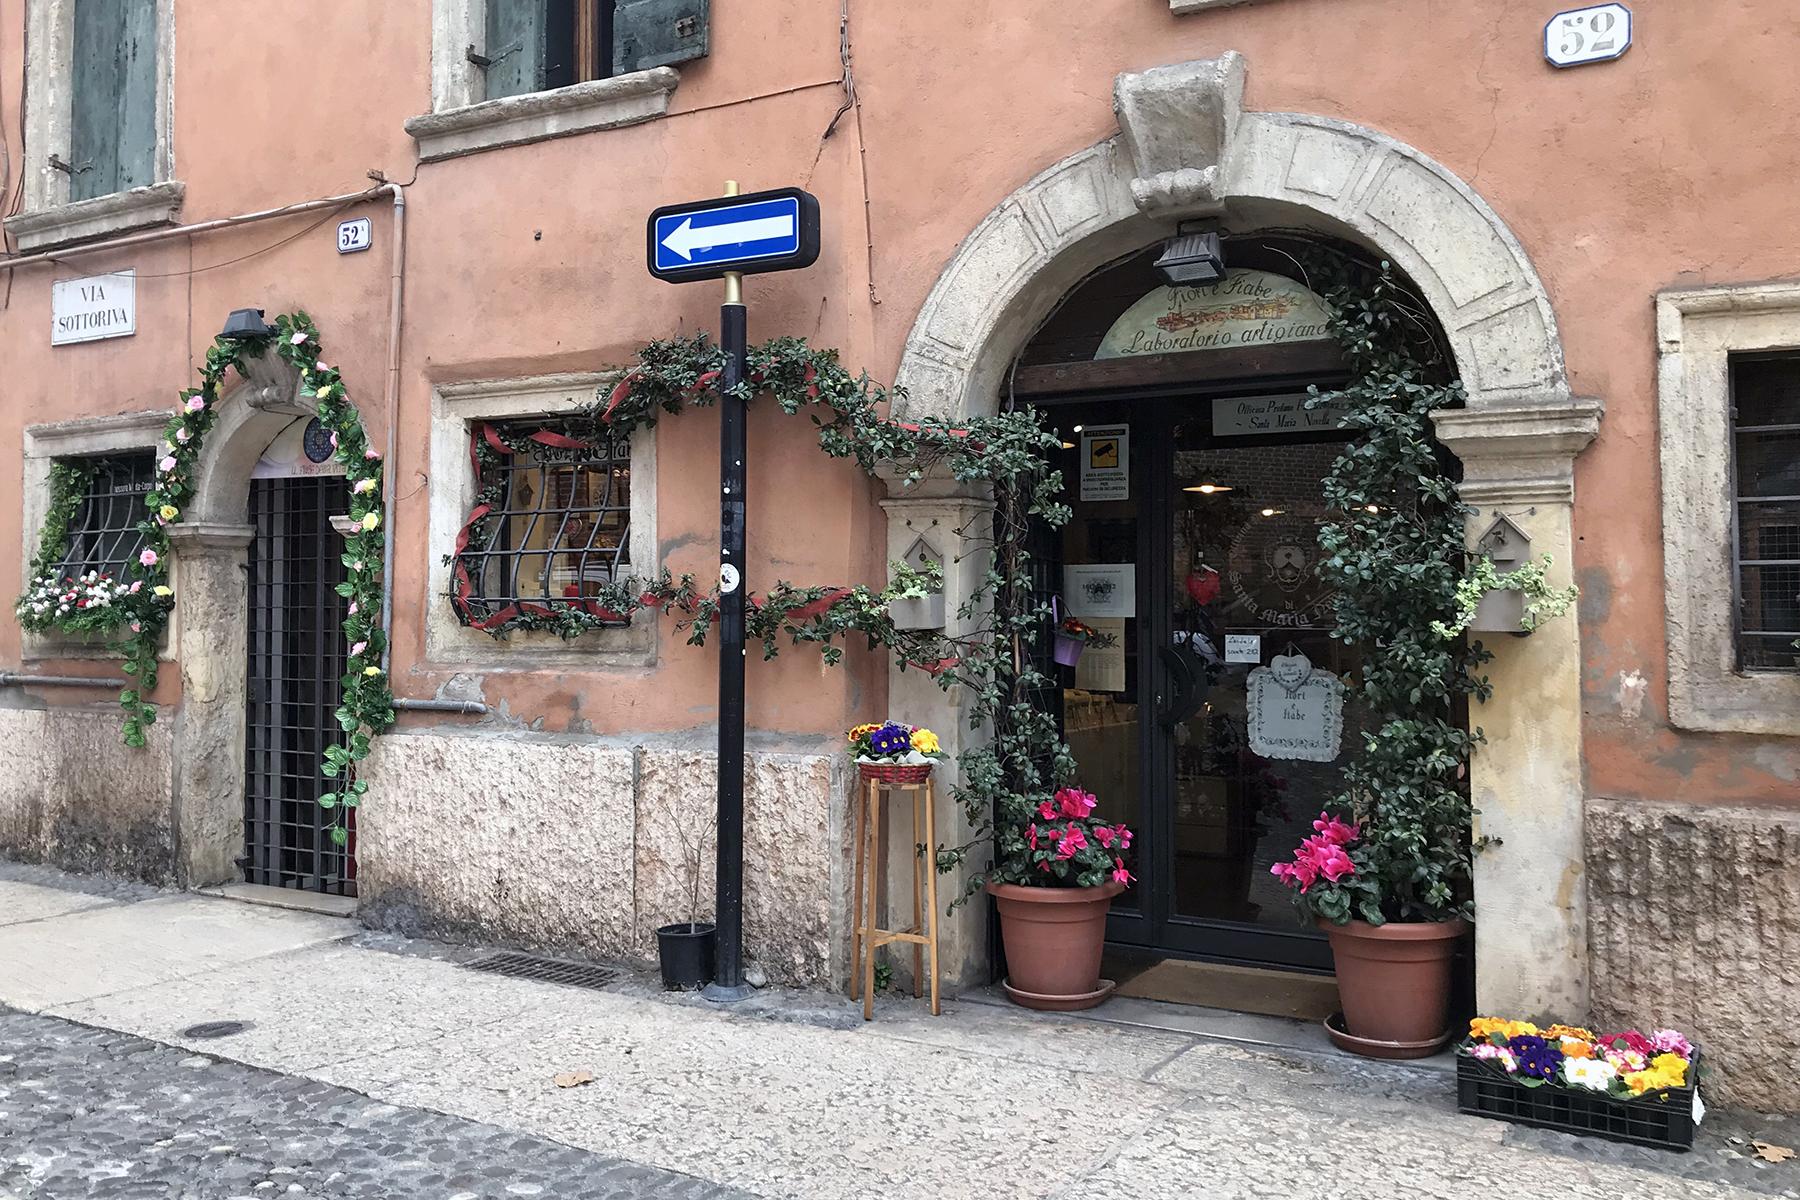 Verona verzaubert nicht nur Verliebte: 13 Tipps für Verona